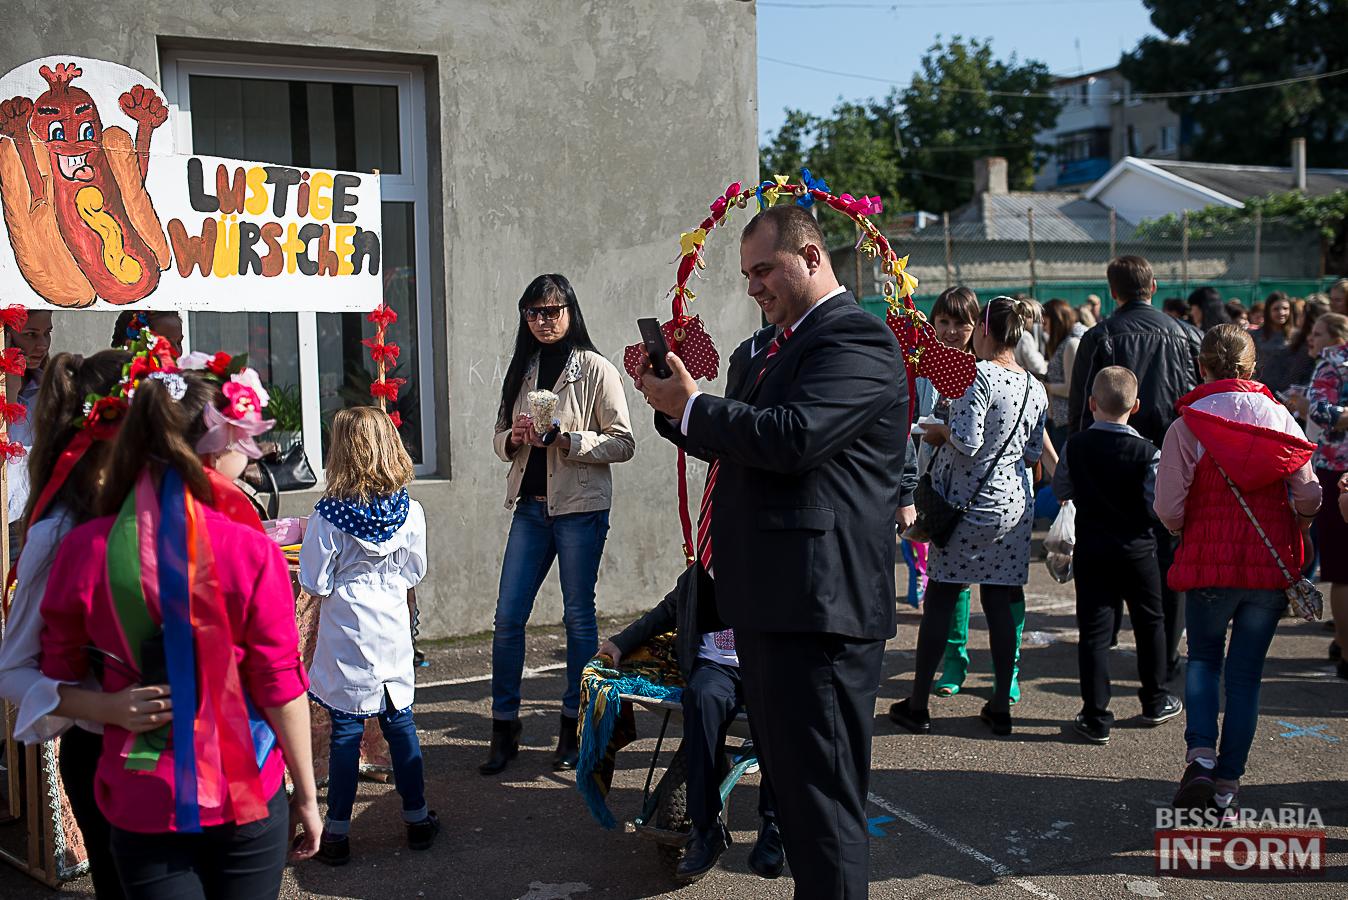 SME_0100 Измаил: в ОШ №16 прошла благотворительная сладкая ярмарка (фото)